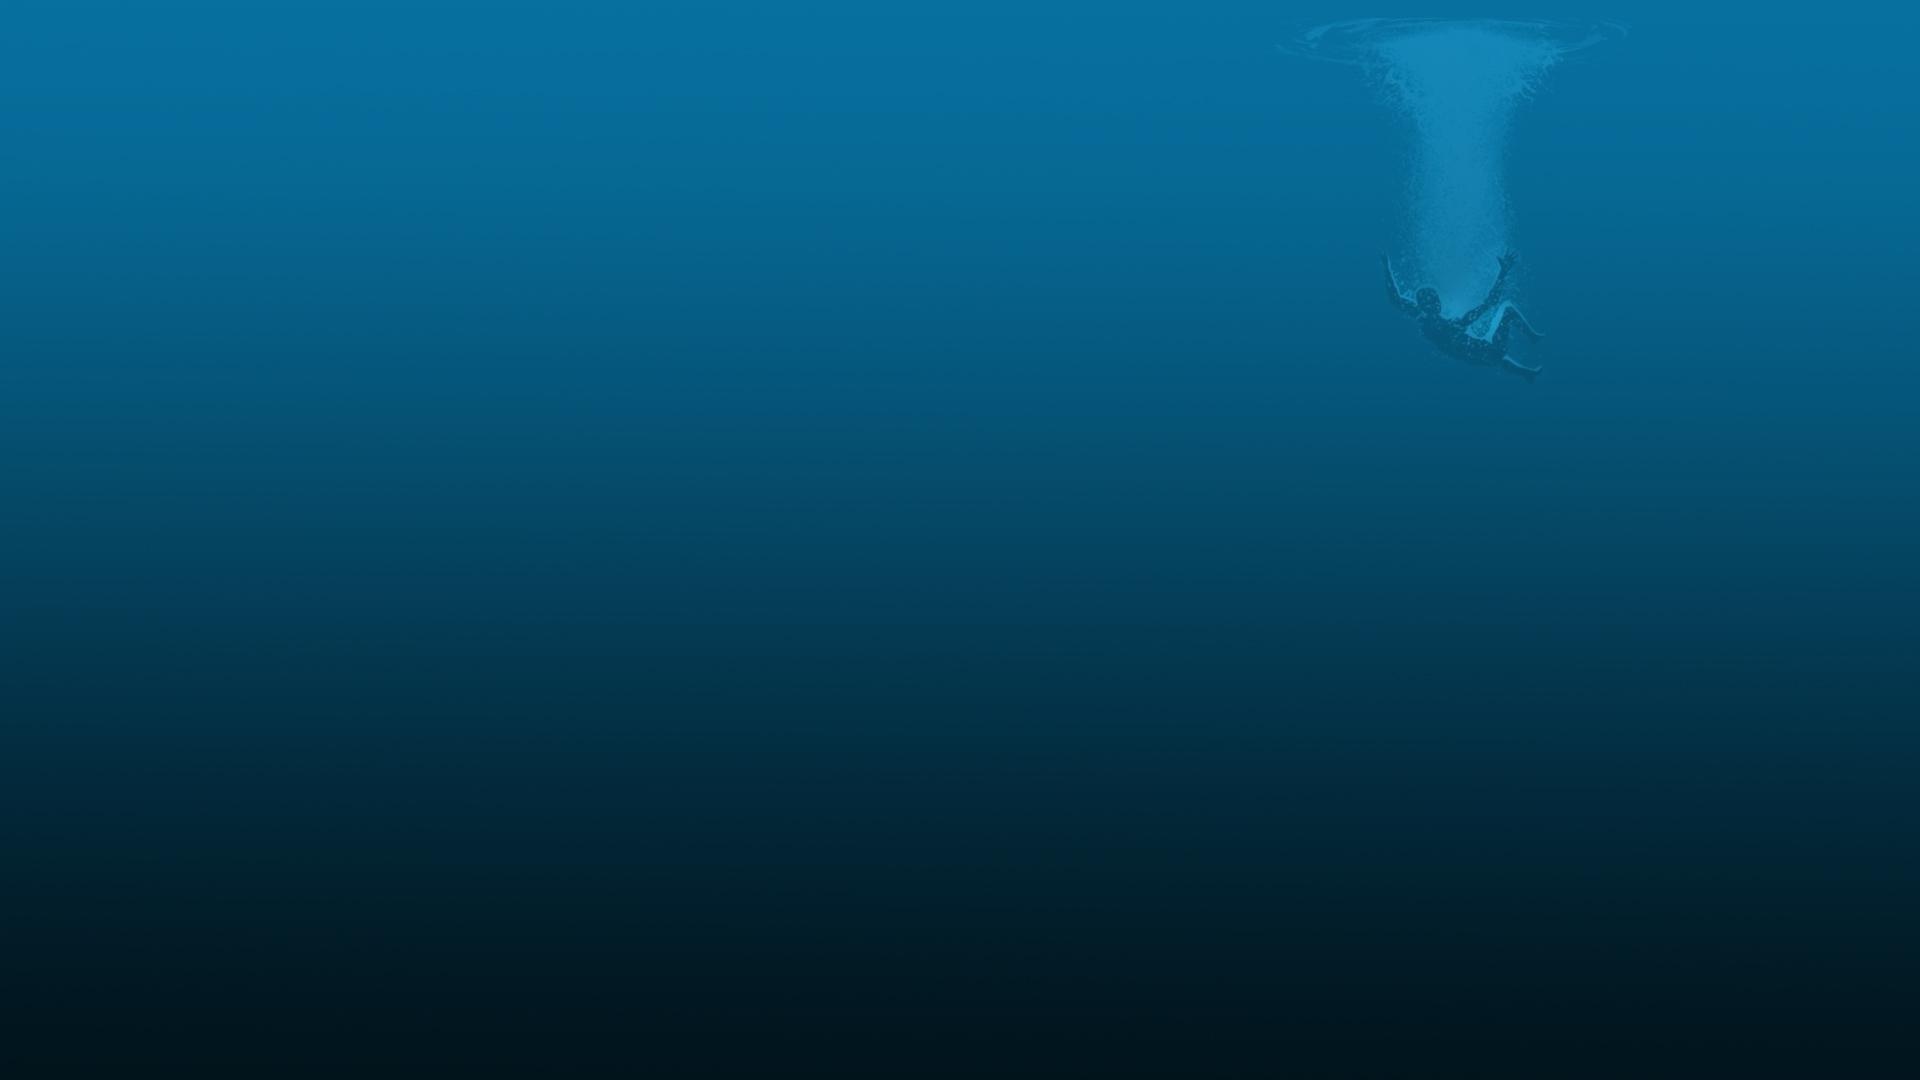 Deep Blue Wallpaper 1920x1080